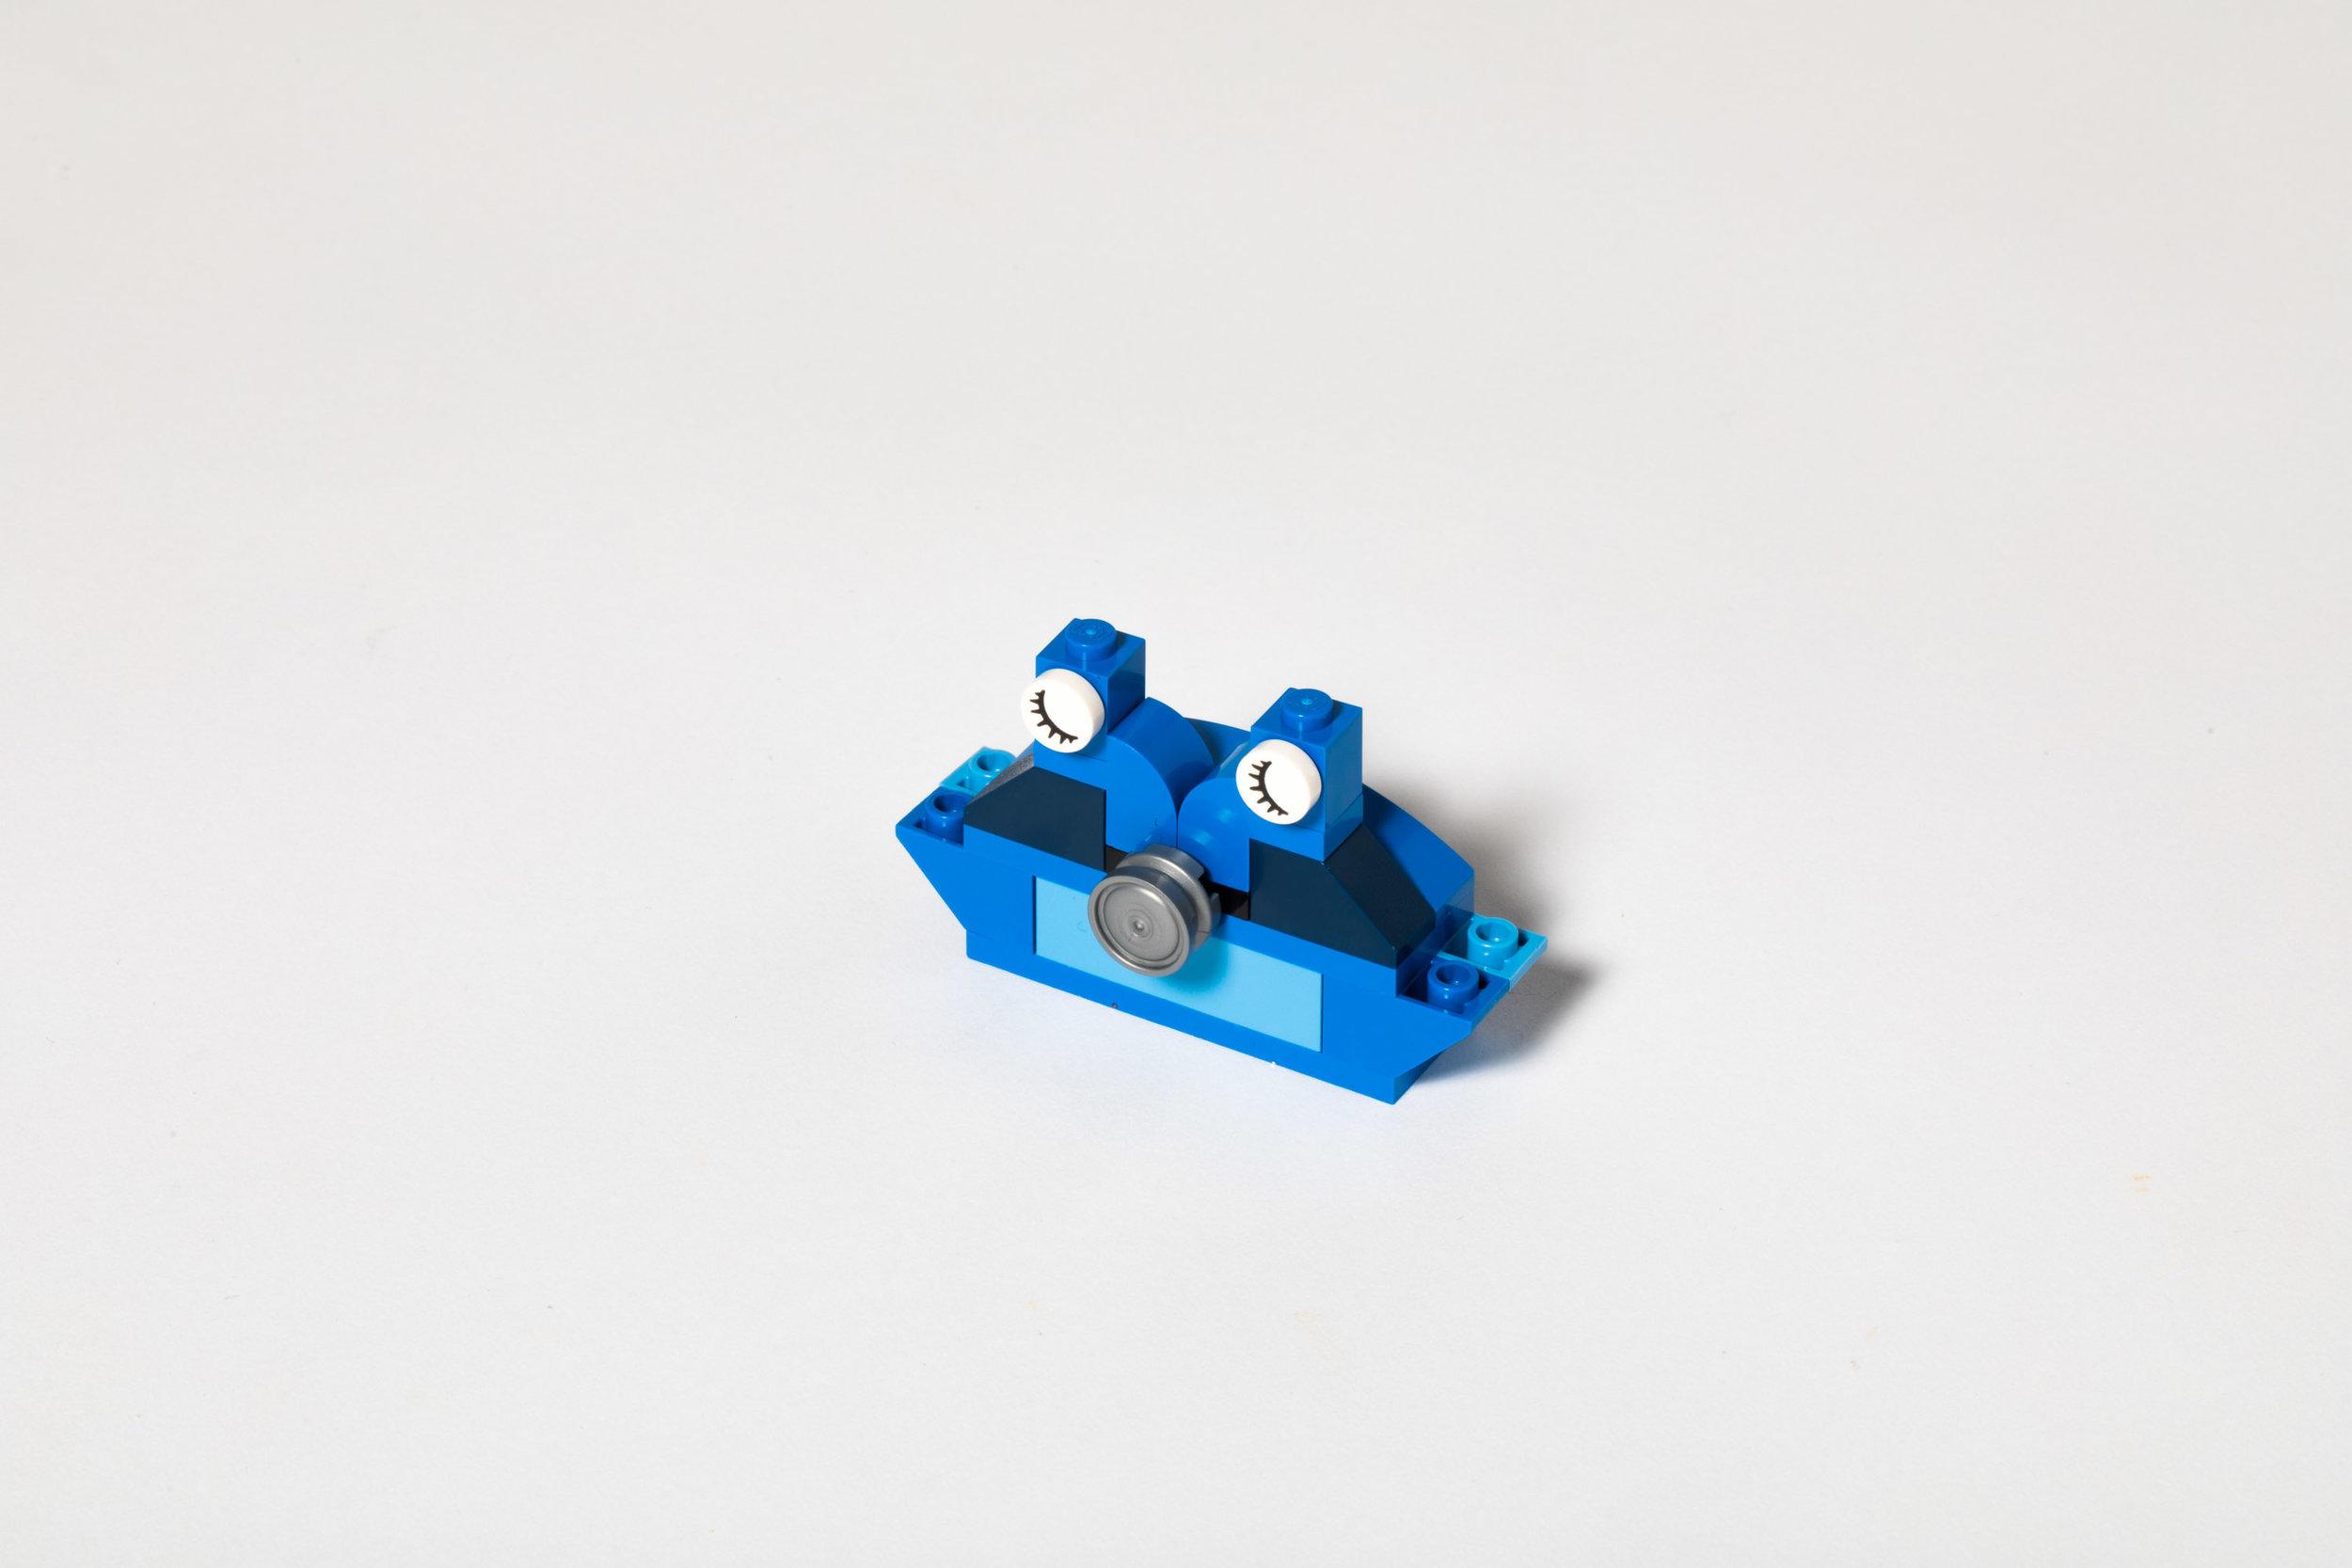 legospinner-9.jpg